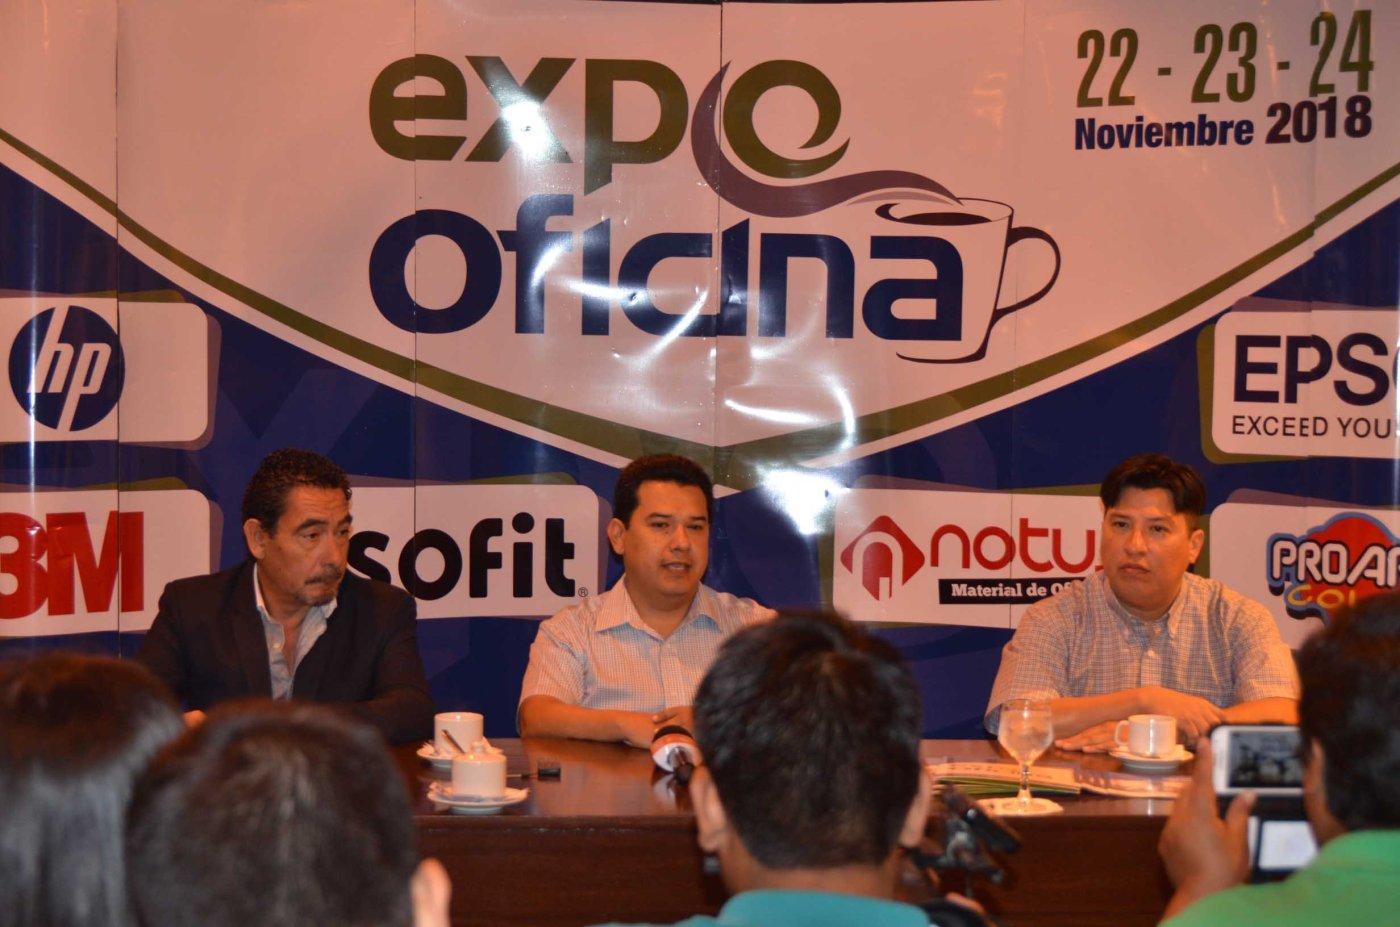 Expo Oficina 2018 ofreció tendencias para personalizar los establecimientos de trabajo